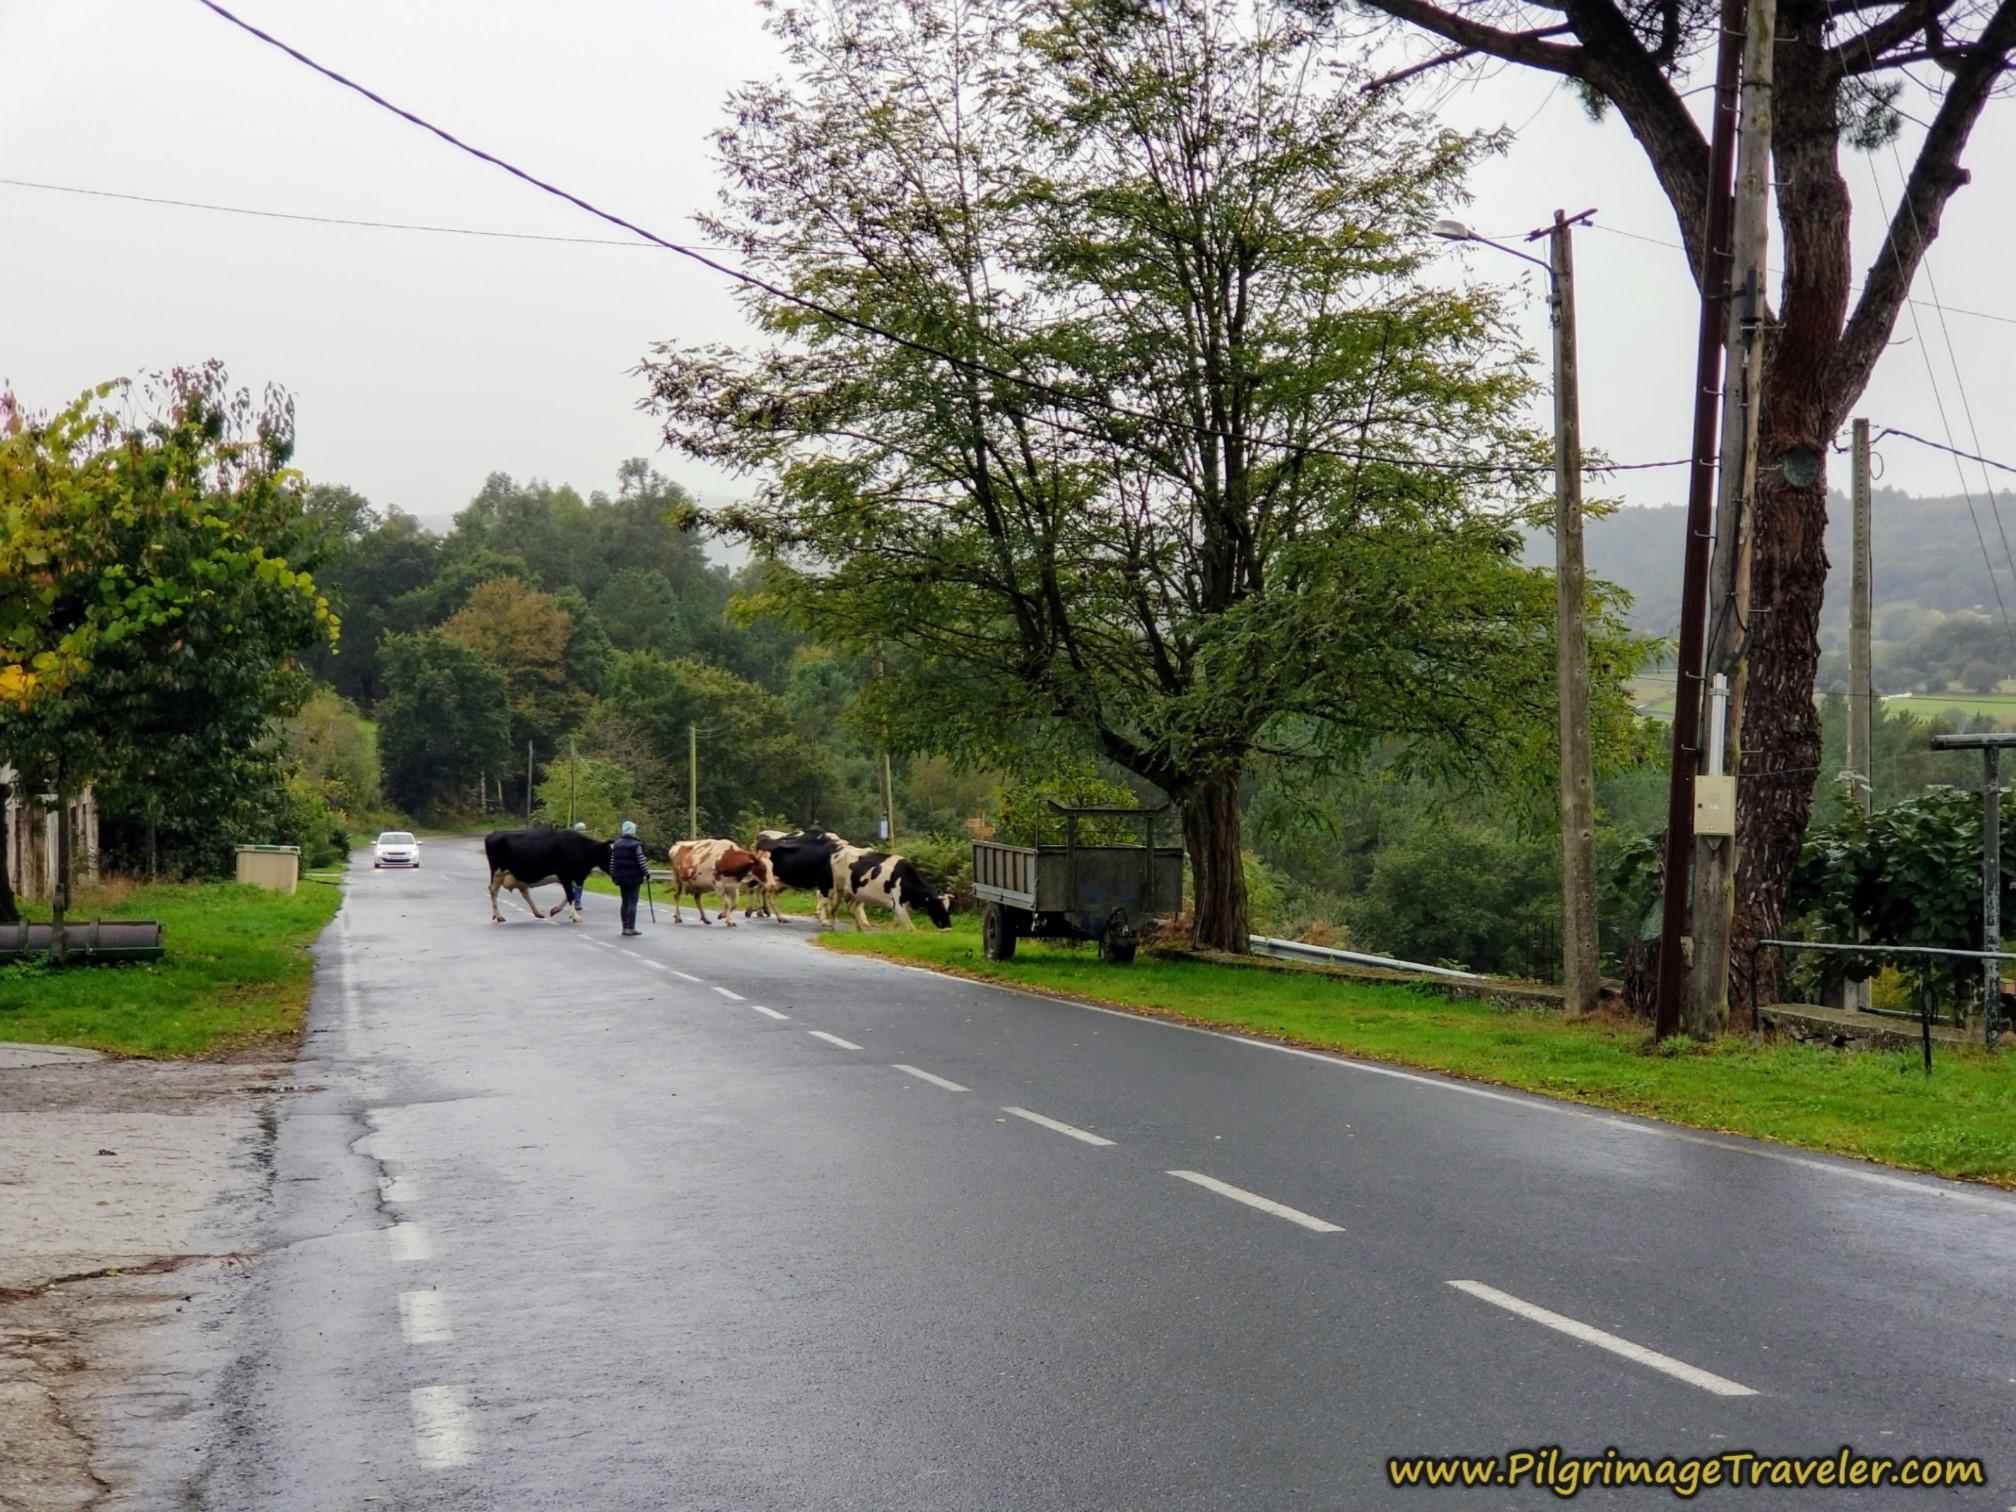 Cow Crossing in Borralla, Camino Sanabrés, Estación de Lalín to Bandeira